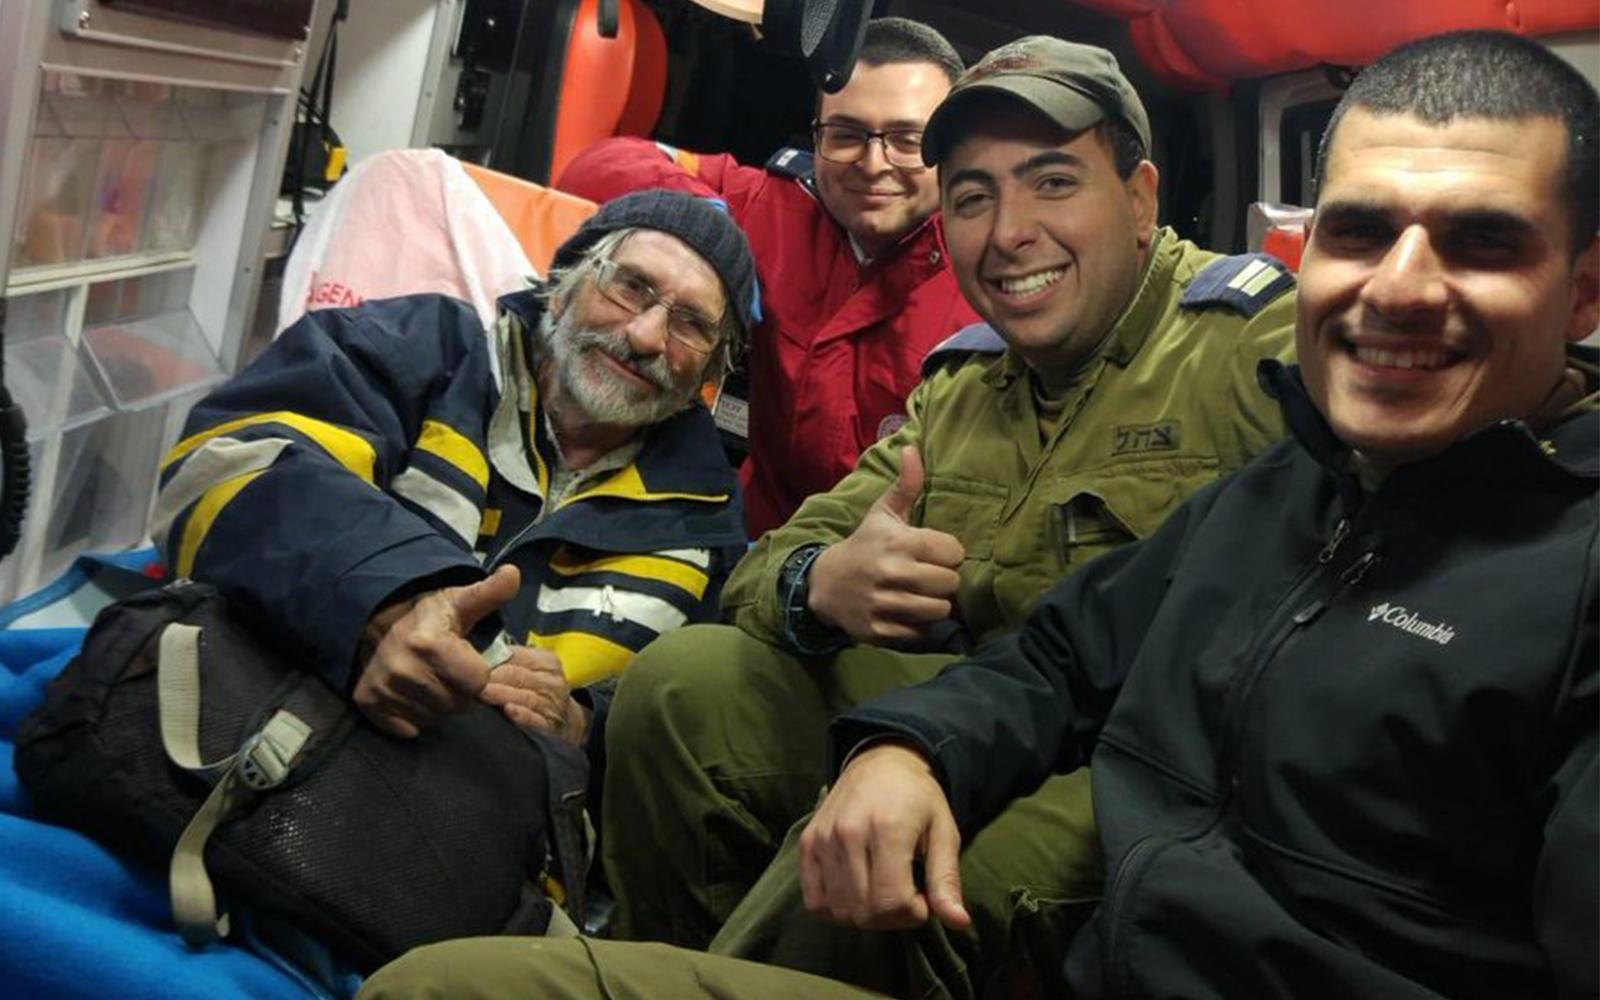 Спасенный мооряк. Фото: пресс-служба ЦАХАЛа